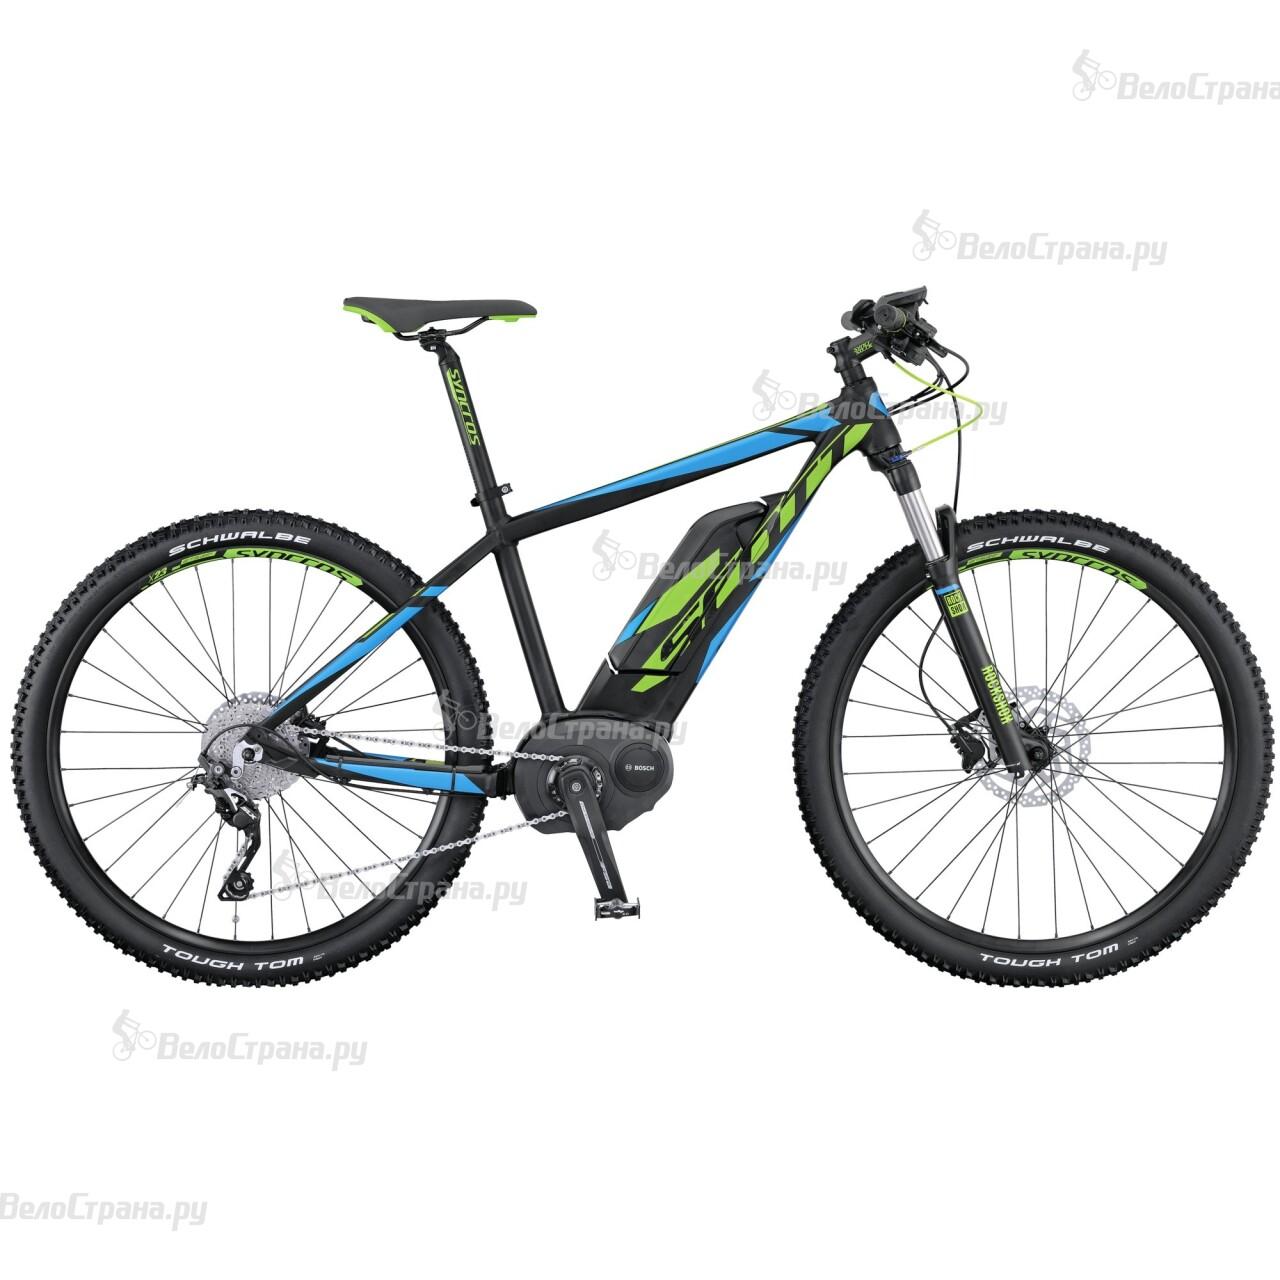 Велосипед Scott E-Aspect 720 (2016)